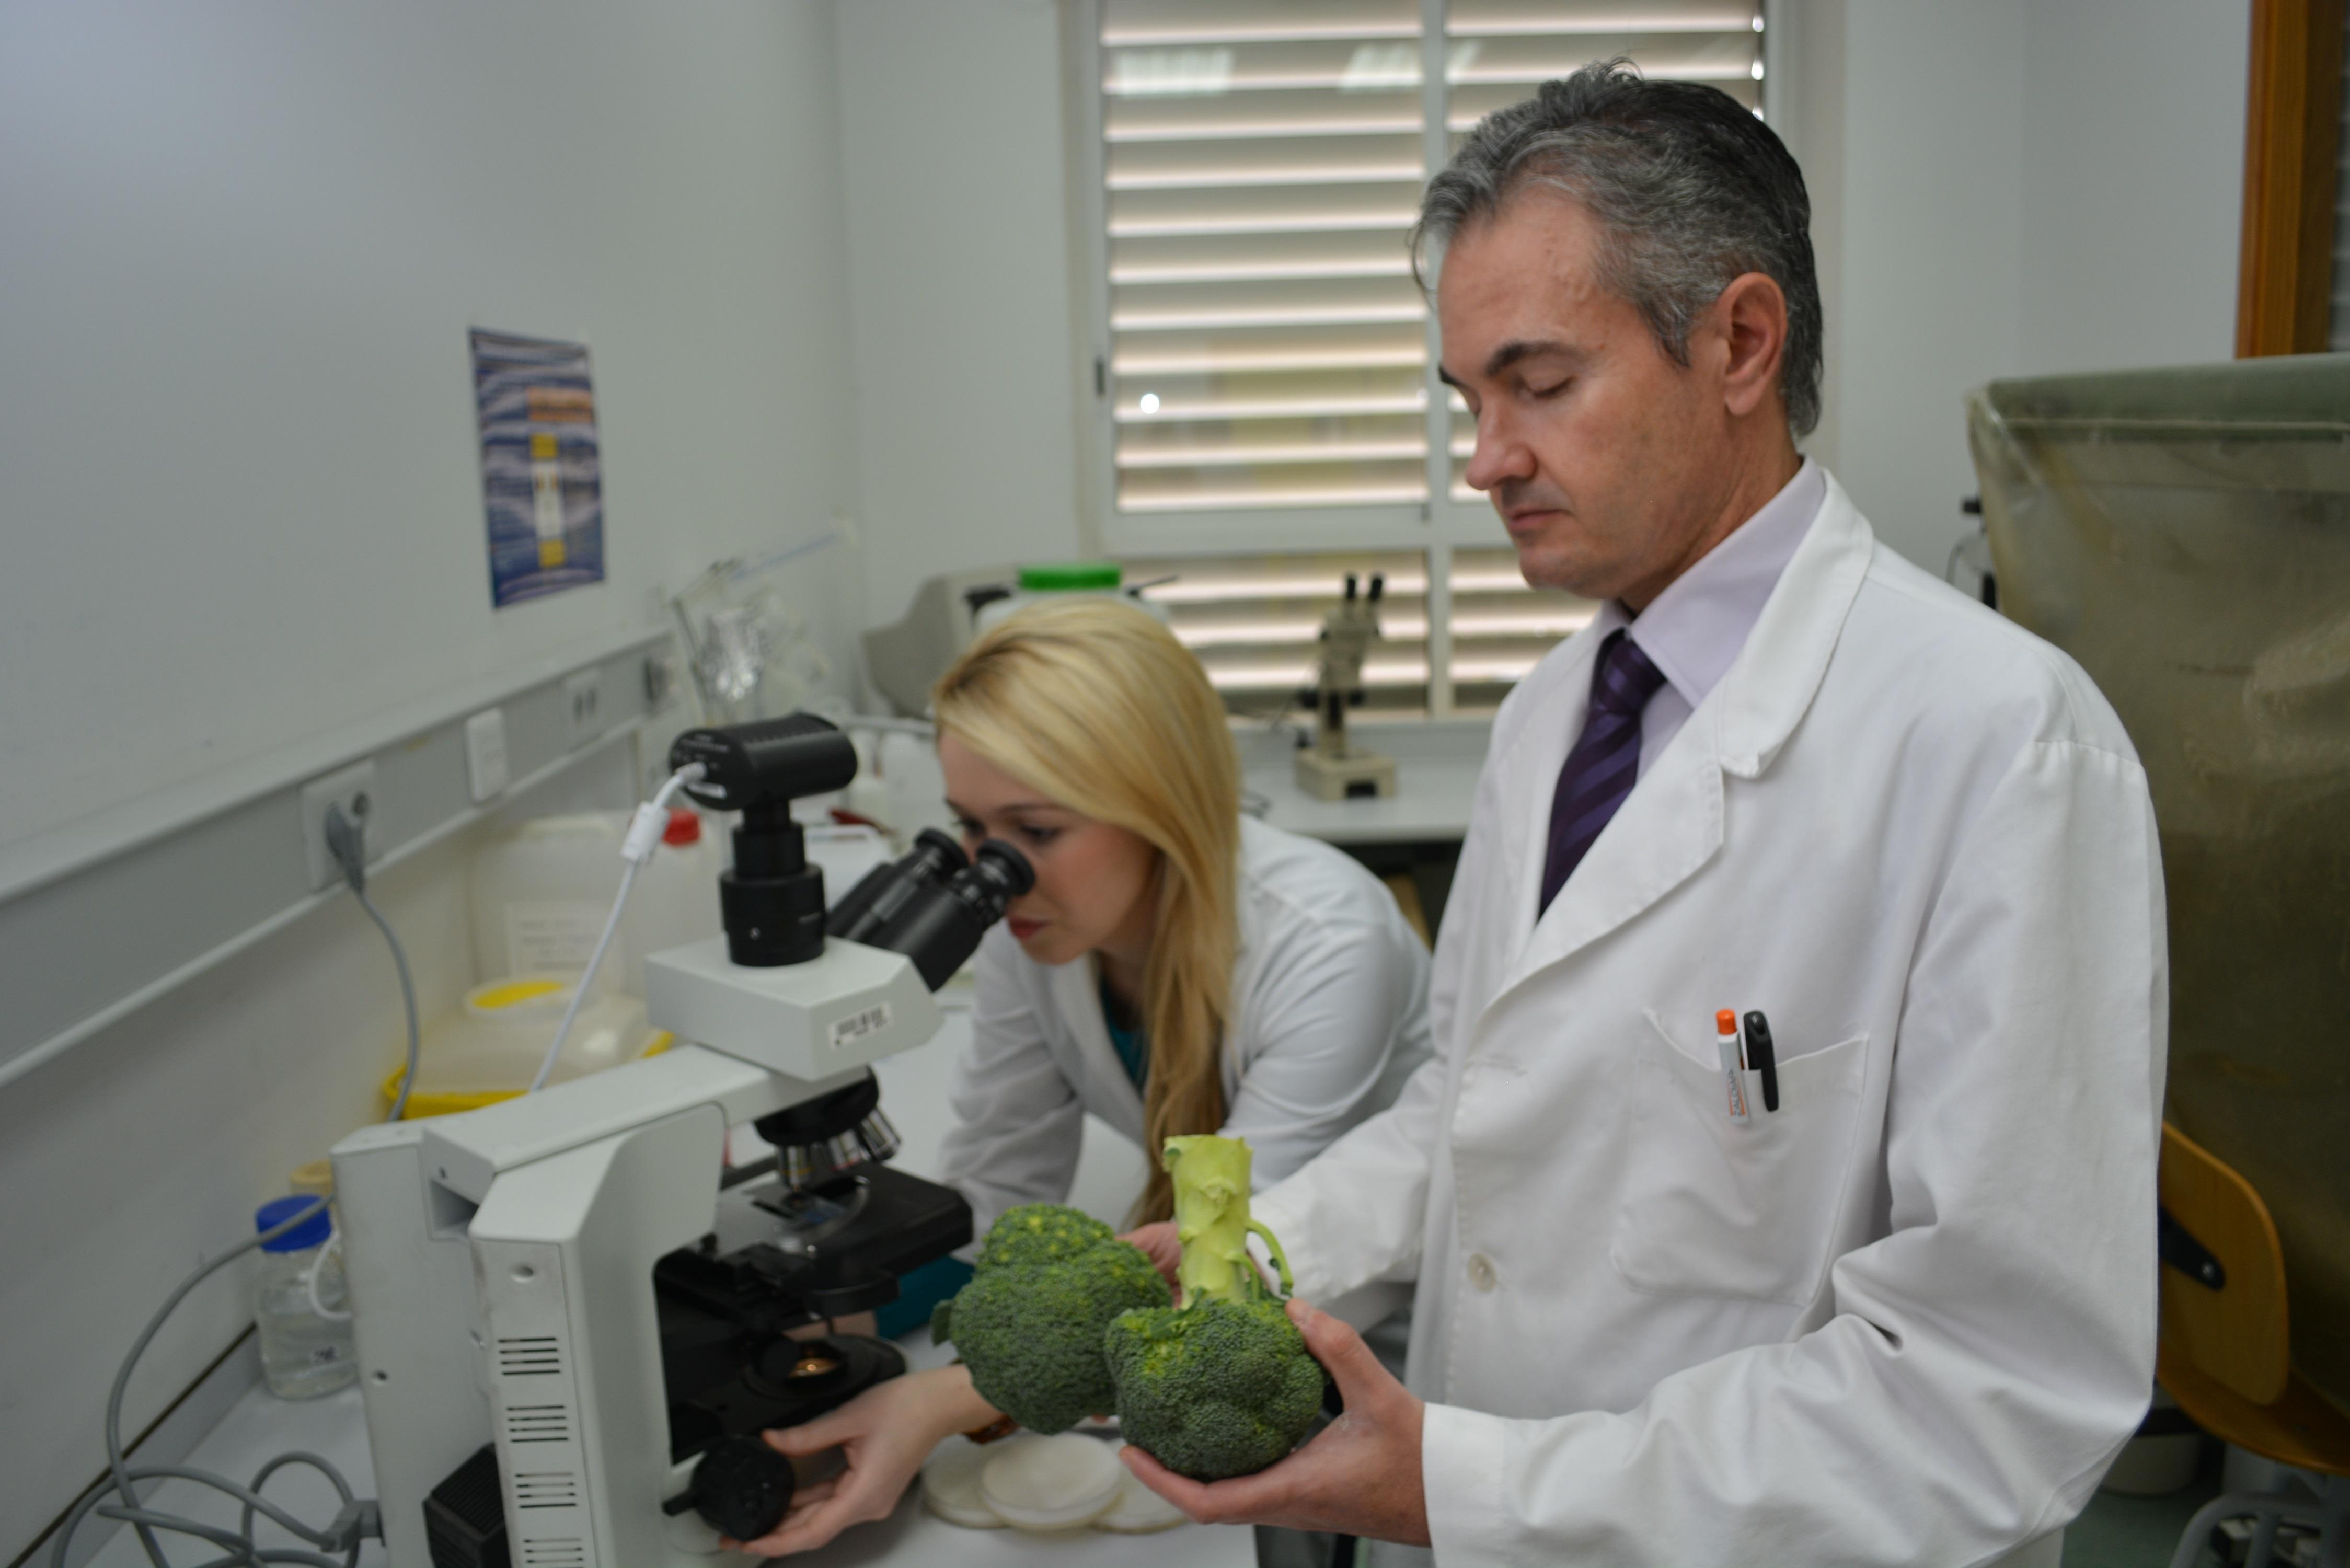 Agrónomos de la UPCT indagarán en la enfermedad de médula blanda del brócoli